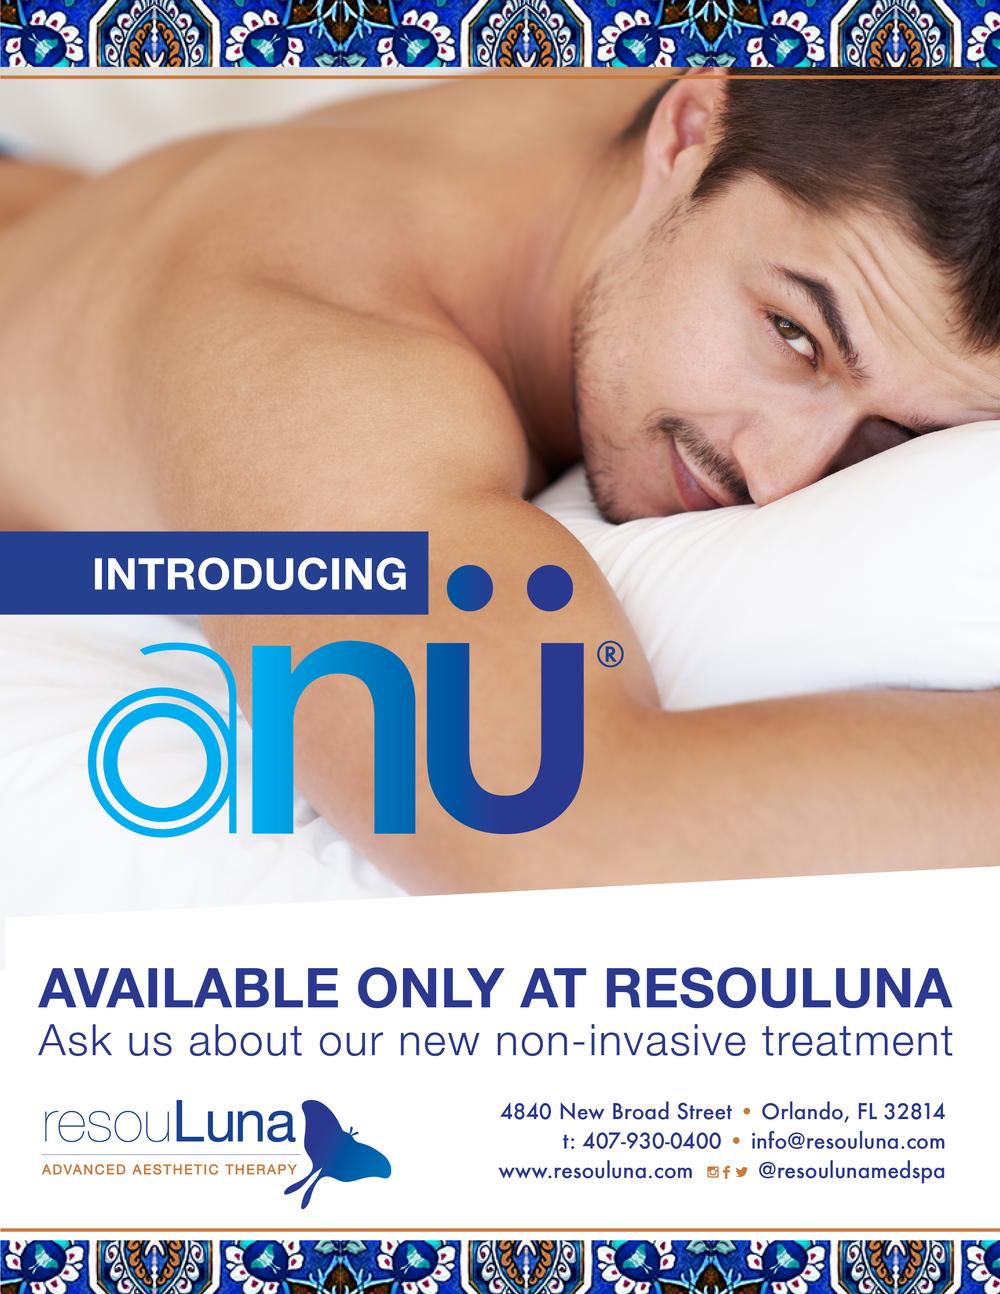 Introducing anu